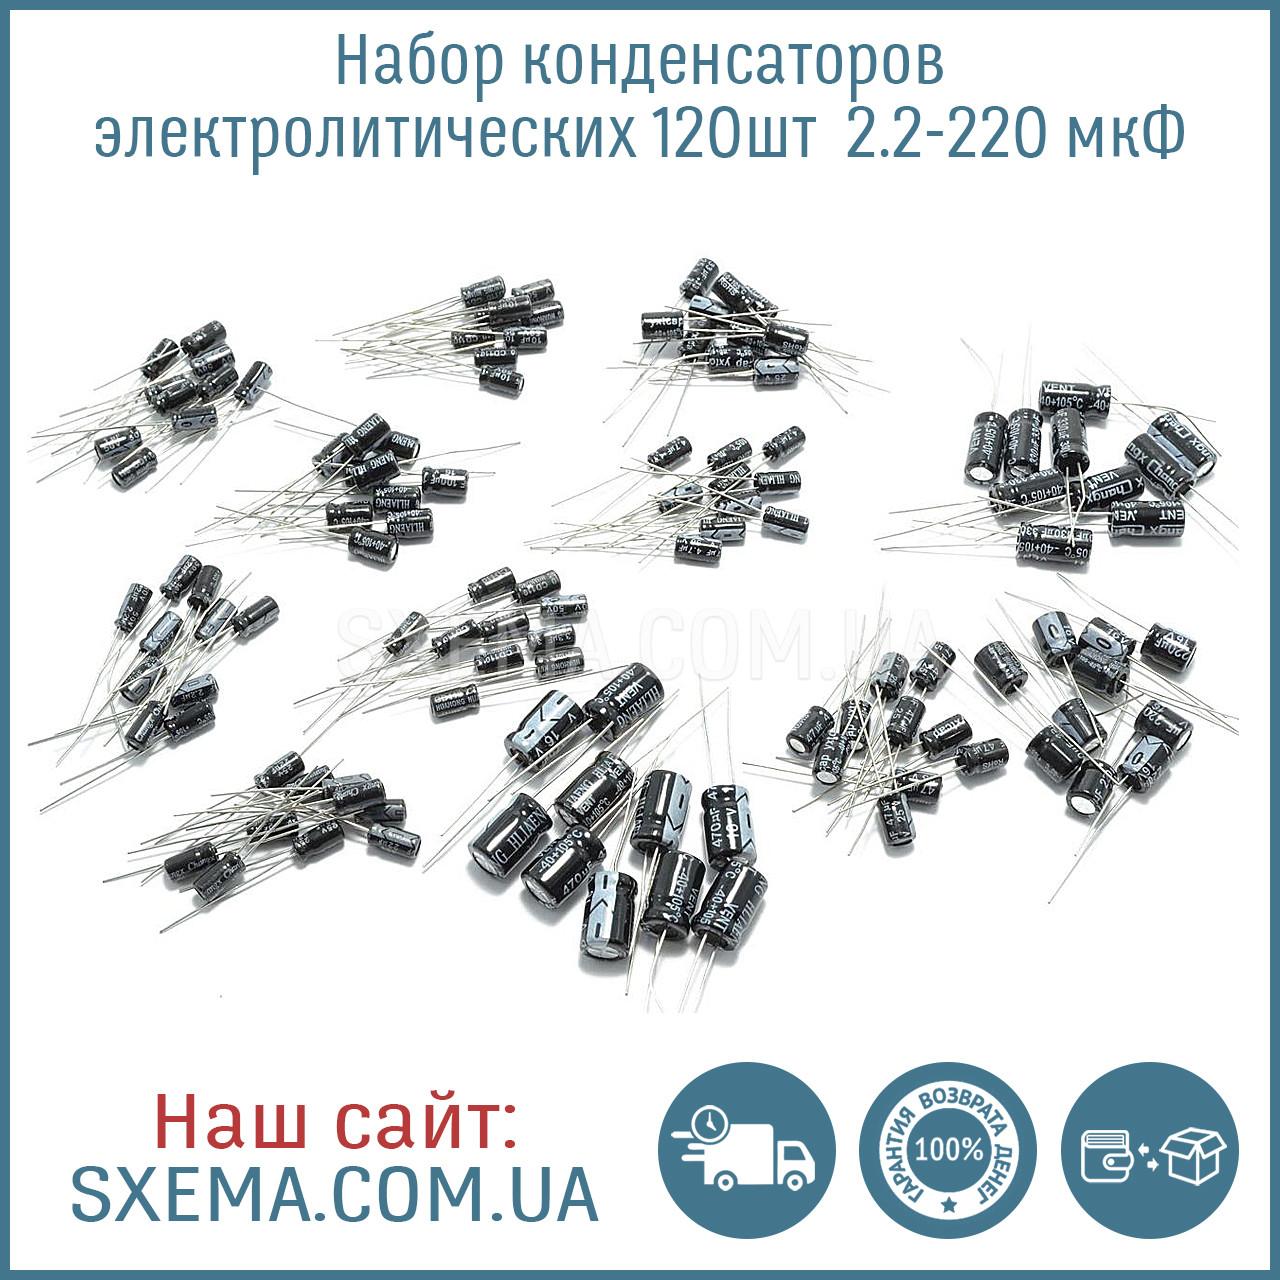 Набор конденсаторов электролитических 120шт  2.2 мкФ 3.3 мкФ 4.7 мкФ 10 мкФ 22 мкФ 33 мкФ 47 мкФ 100 мкФ 220